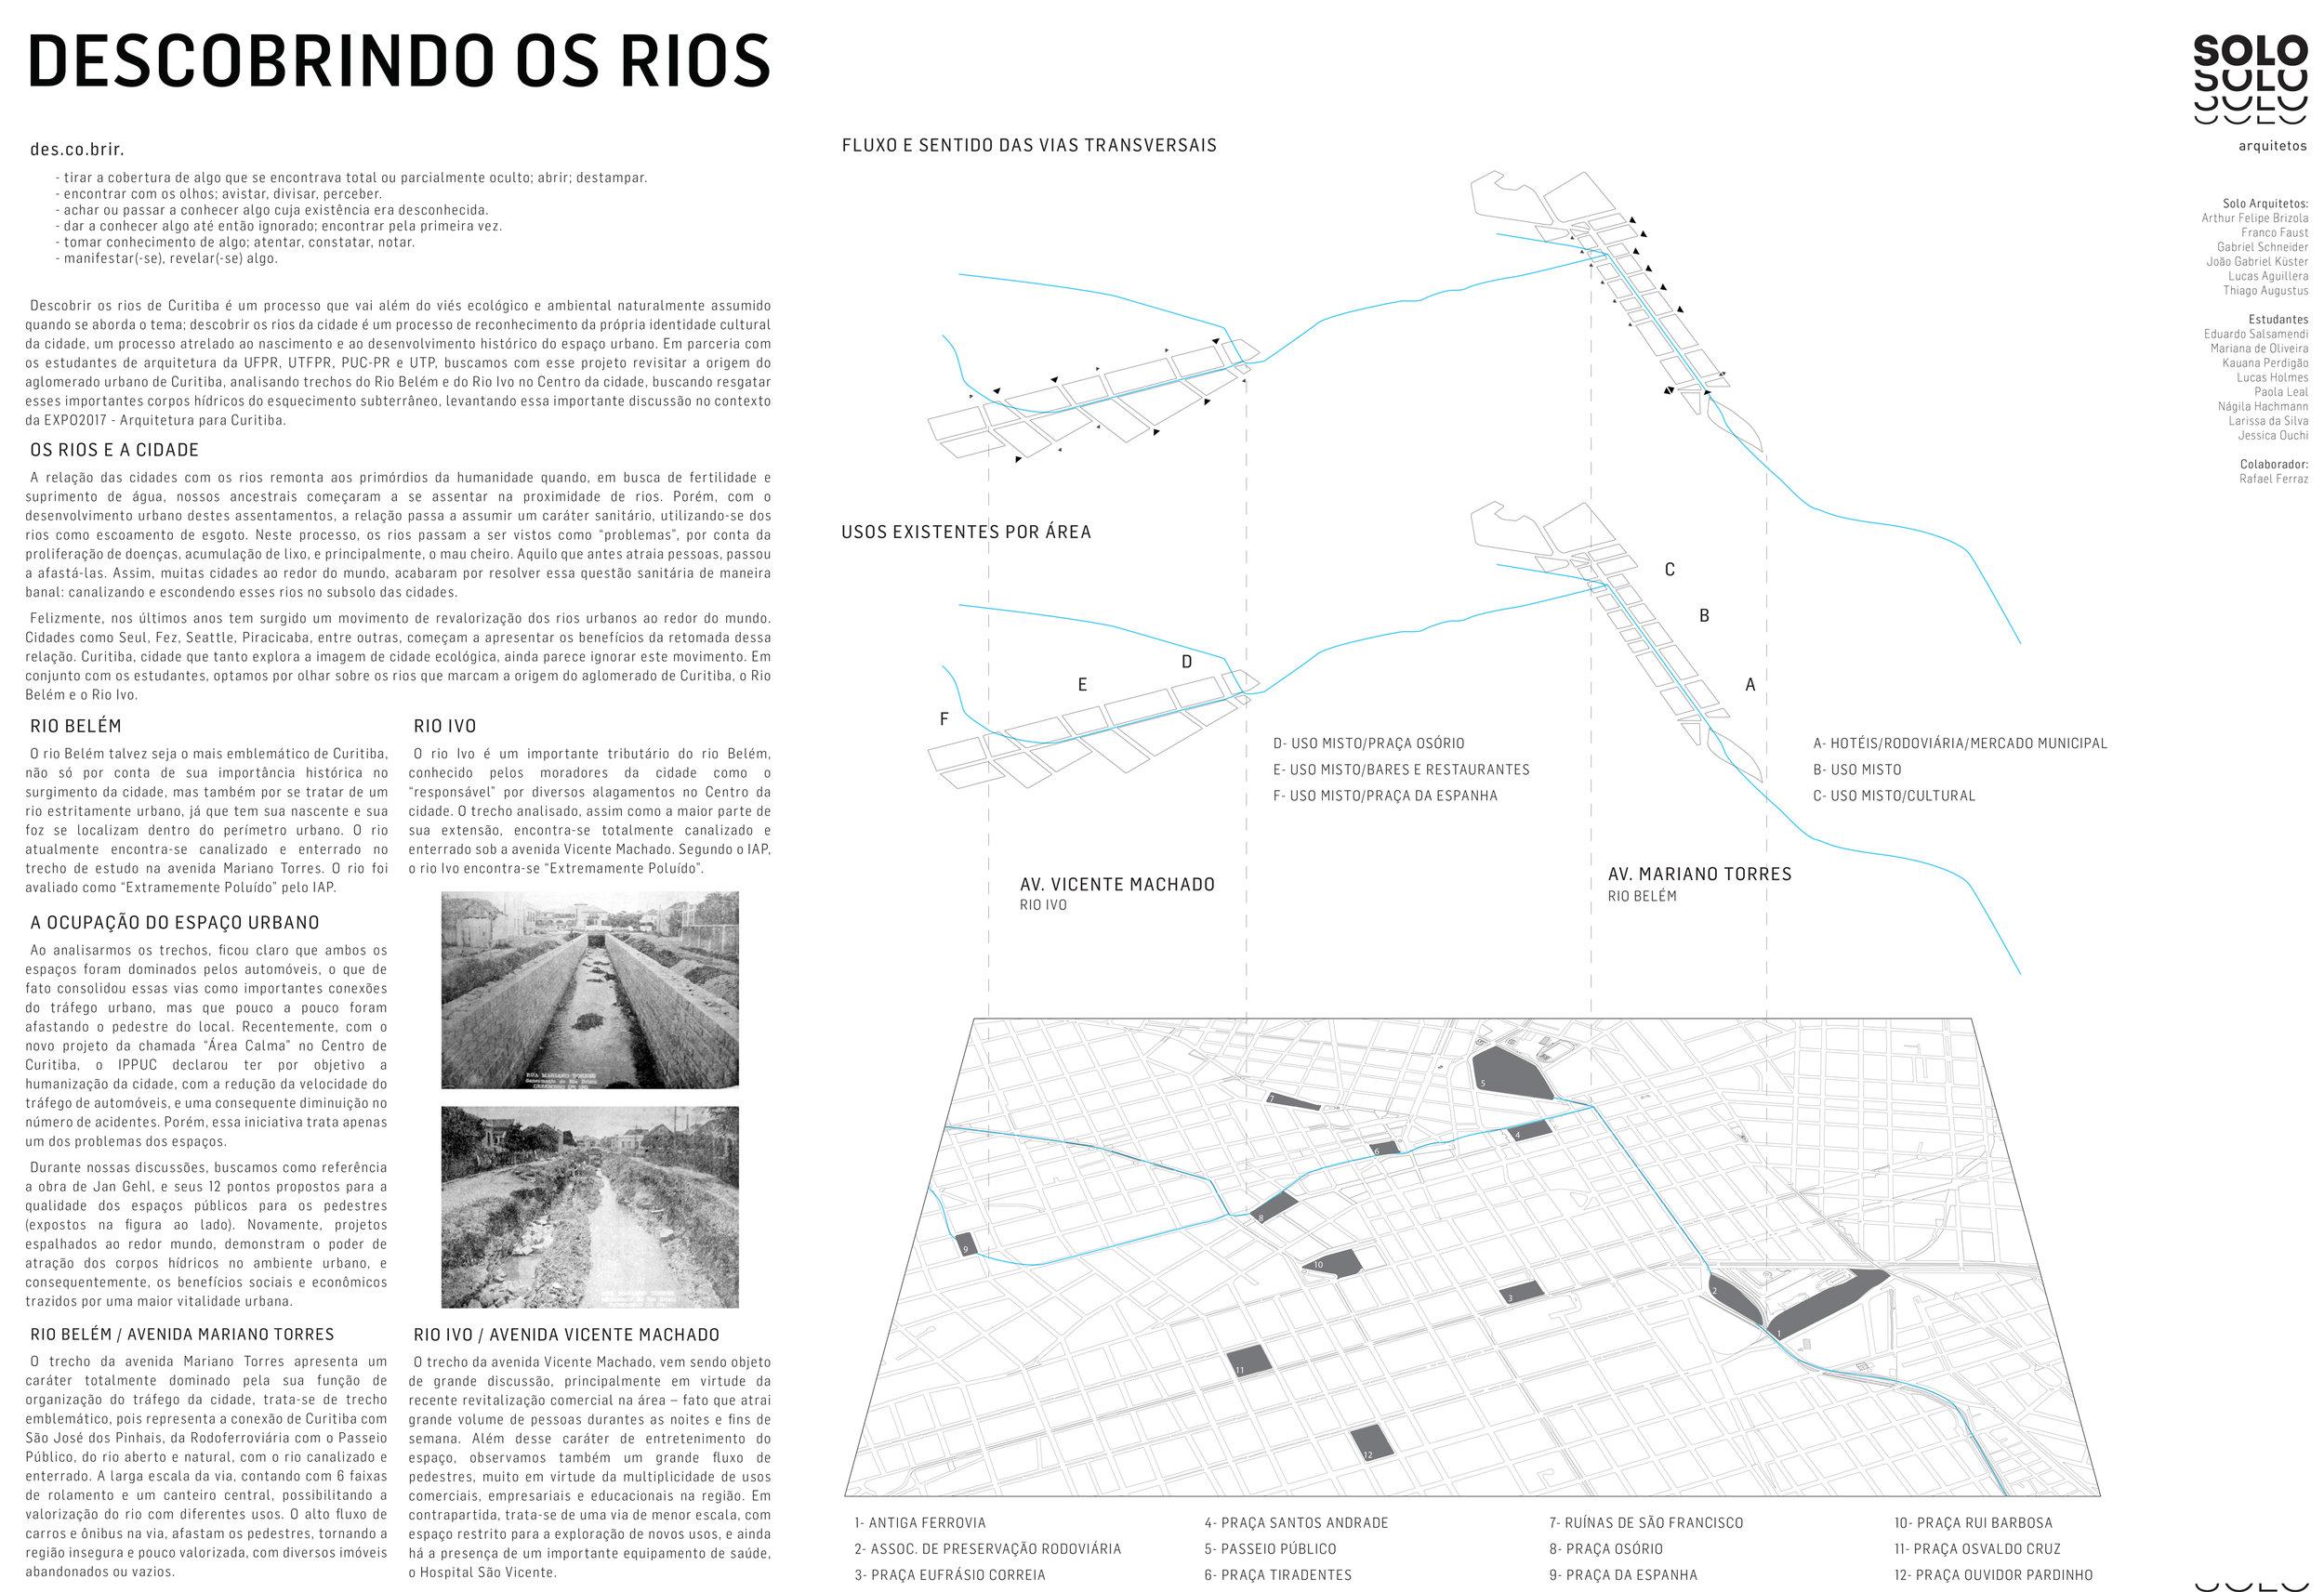 ESTUDO-A1-H_02-1.jpg